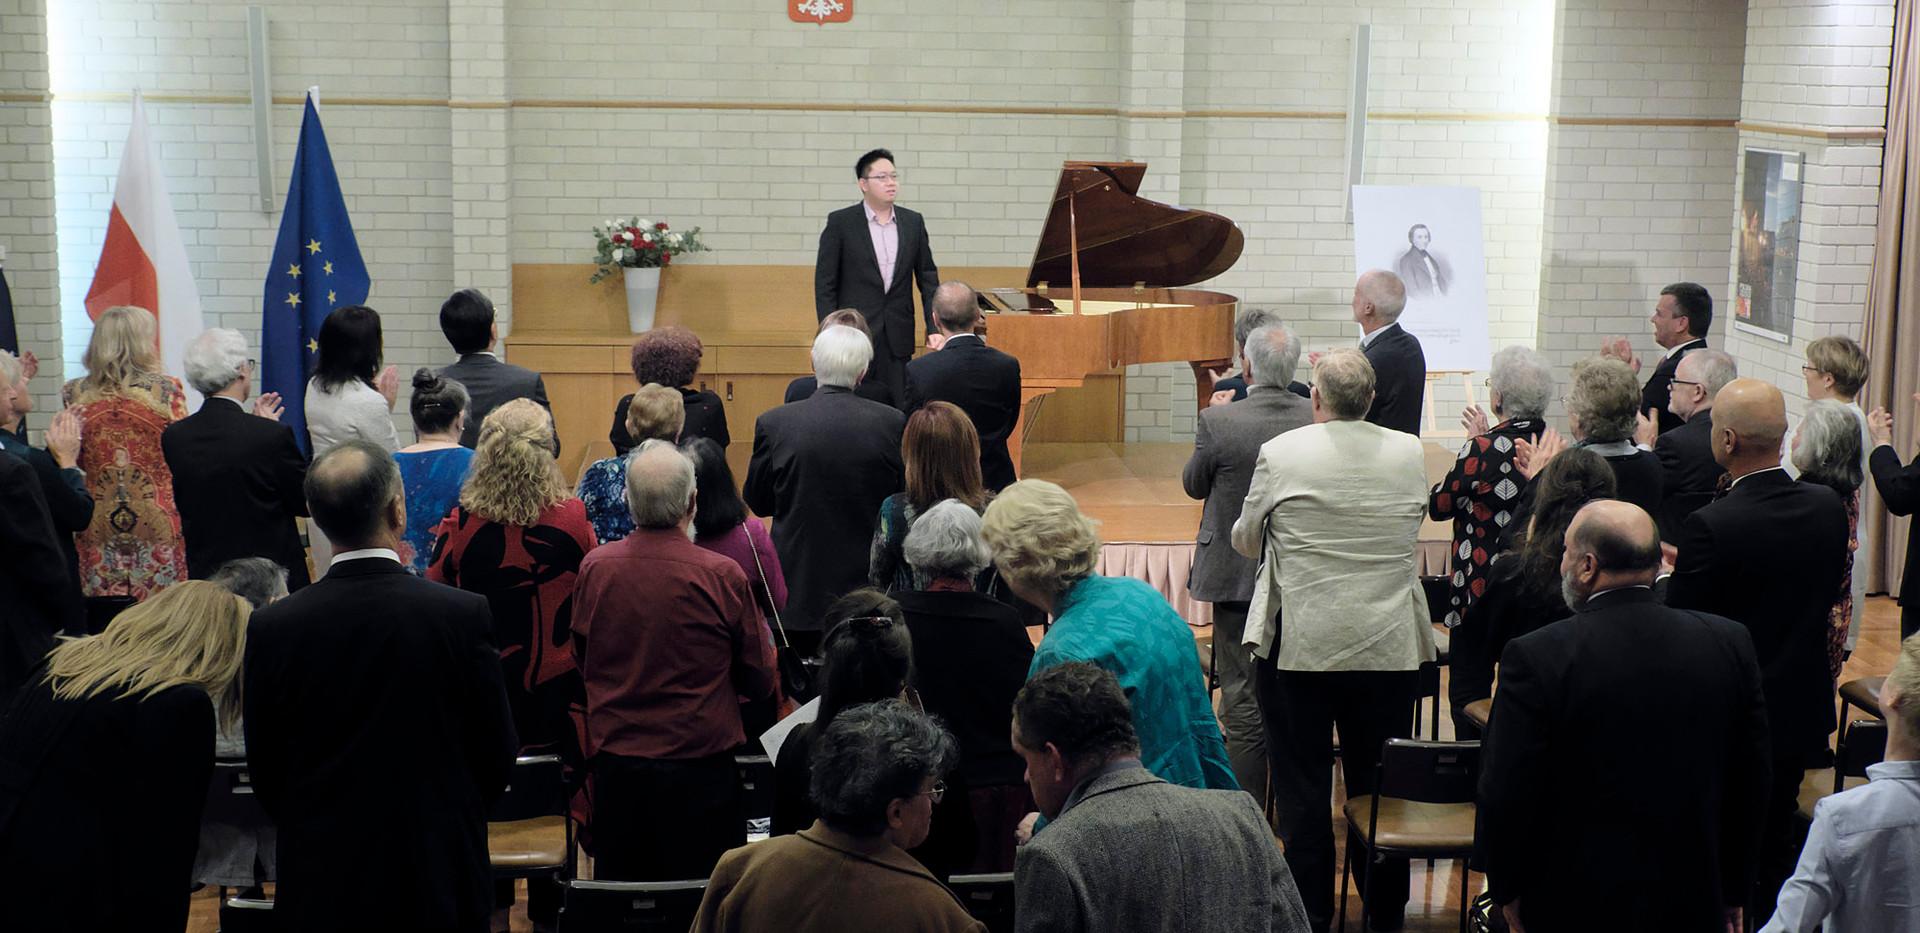 20210318a 003 Chopins Birthday Recital -